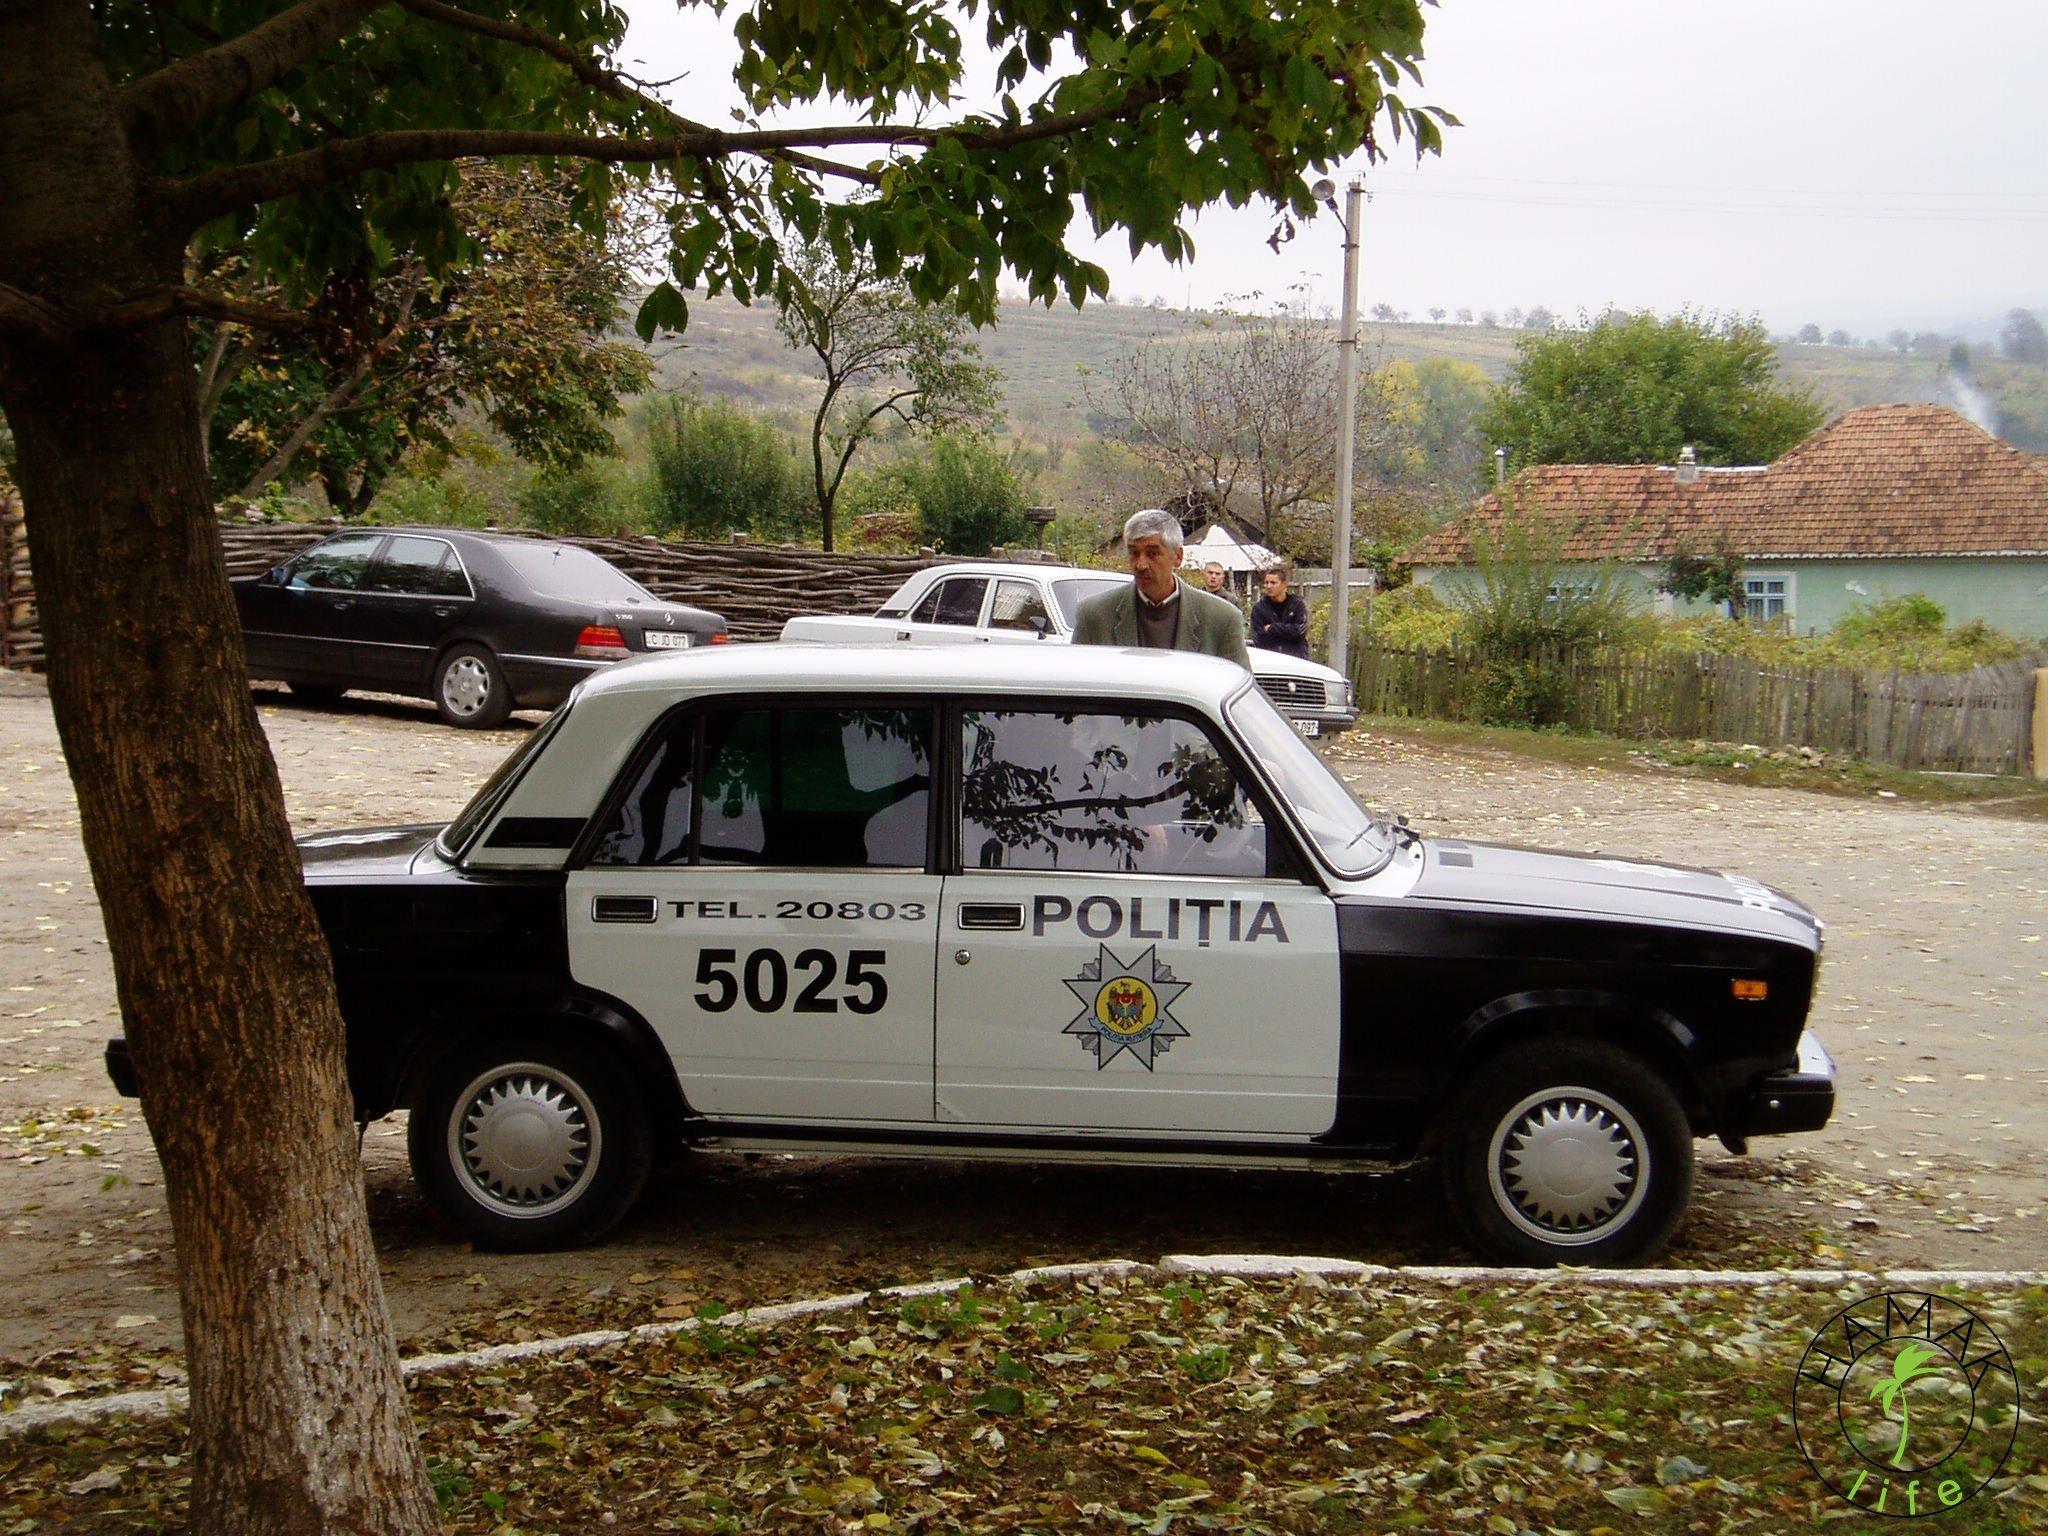 Reportaż z wioski w Mołdawii. Samochód policyjny.